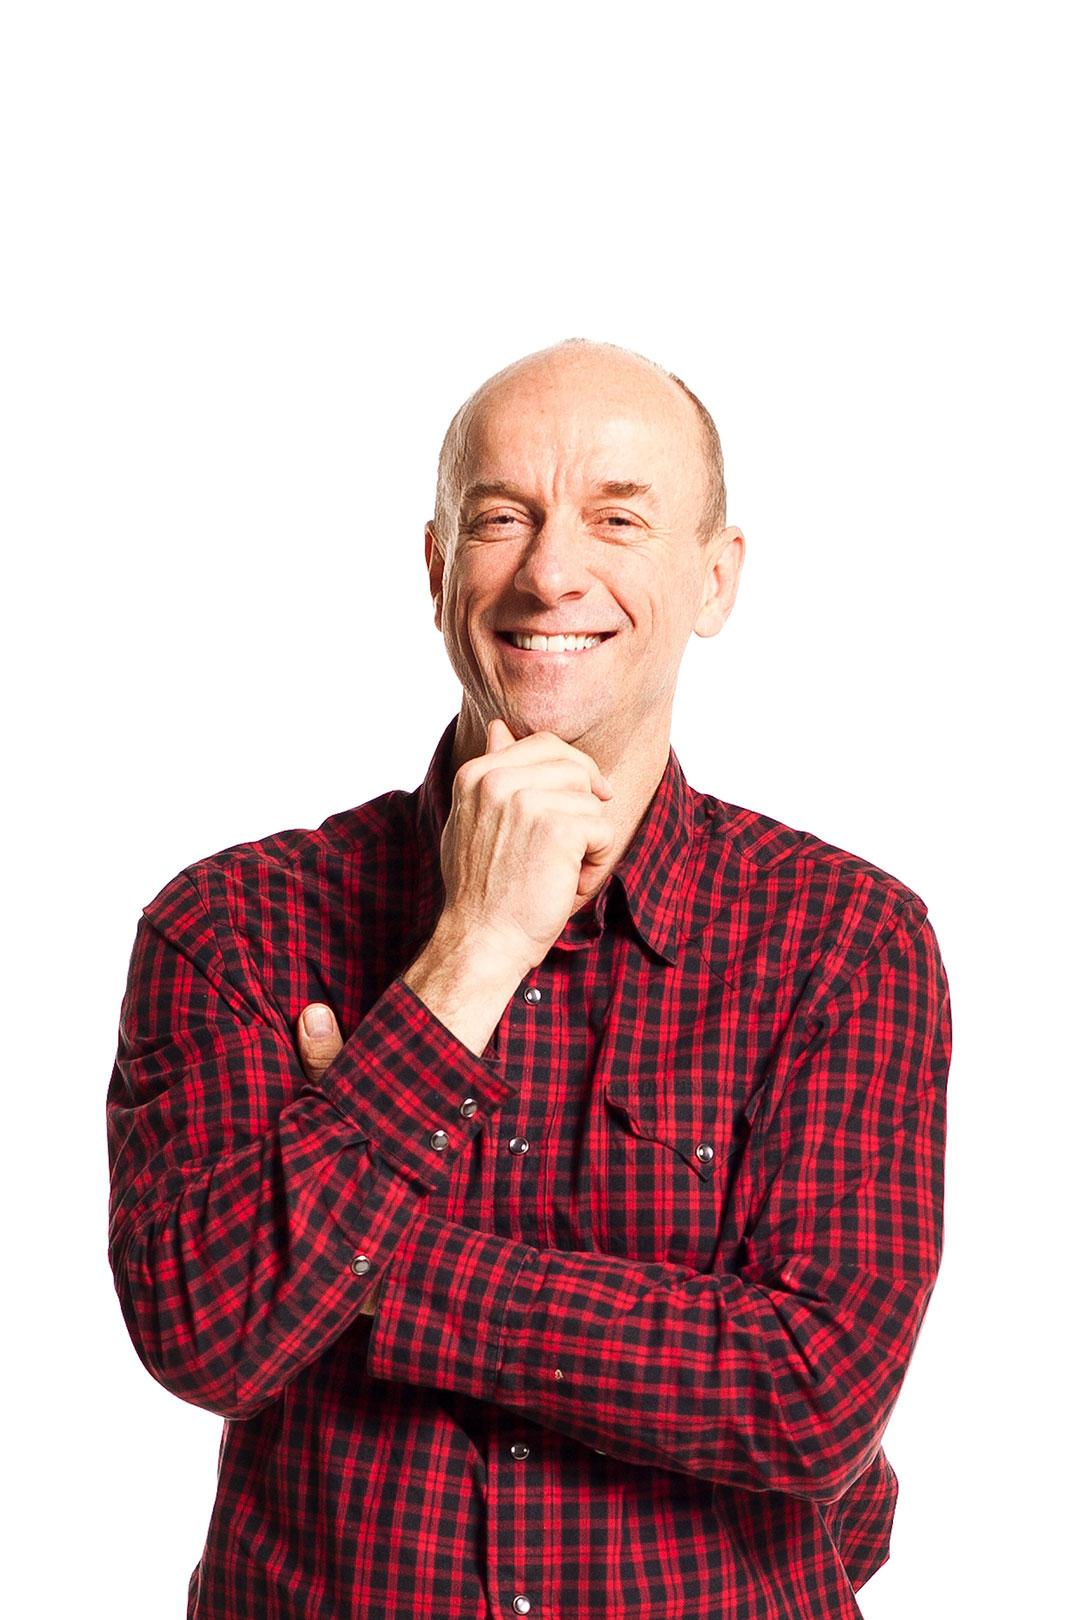 A portrait photo of a man.